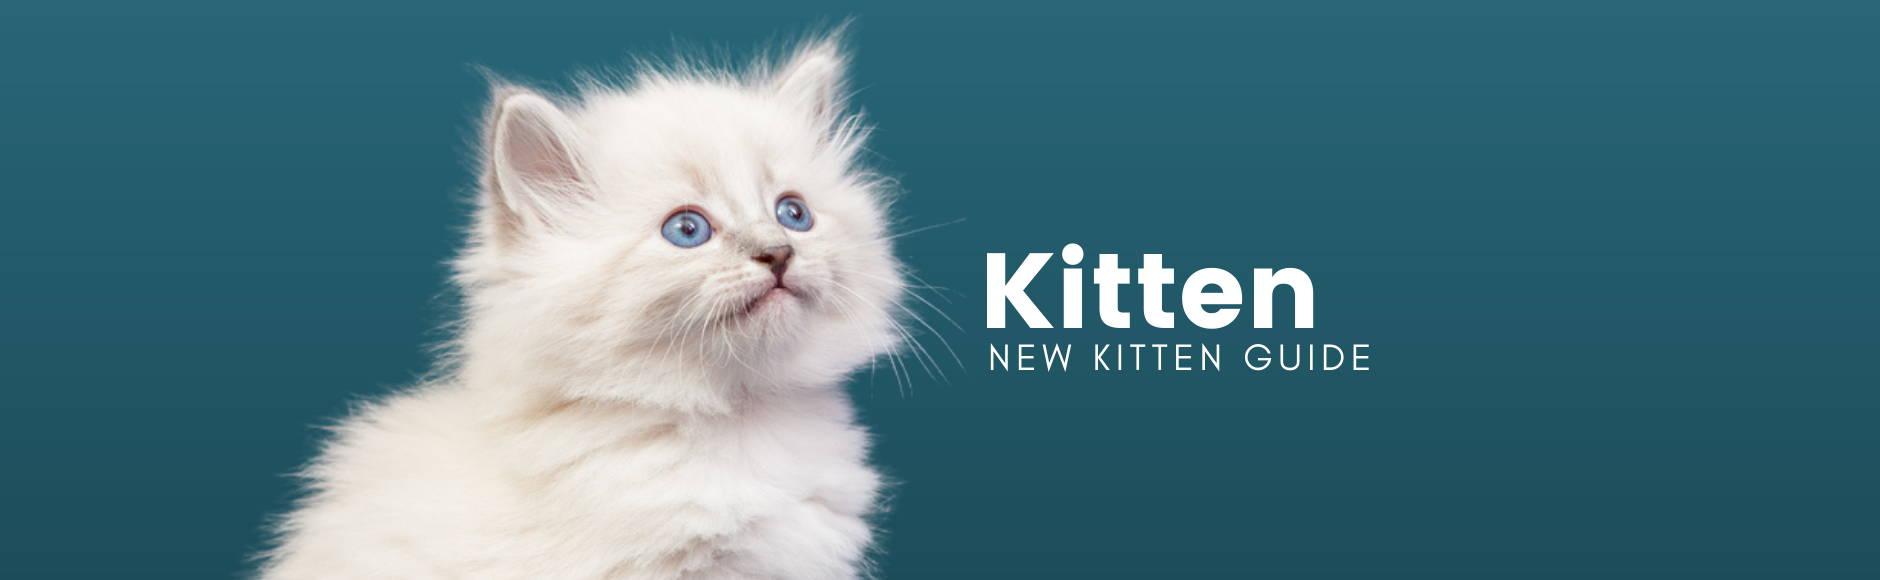 Kitten - New Kitten Guide